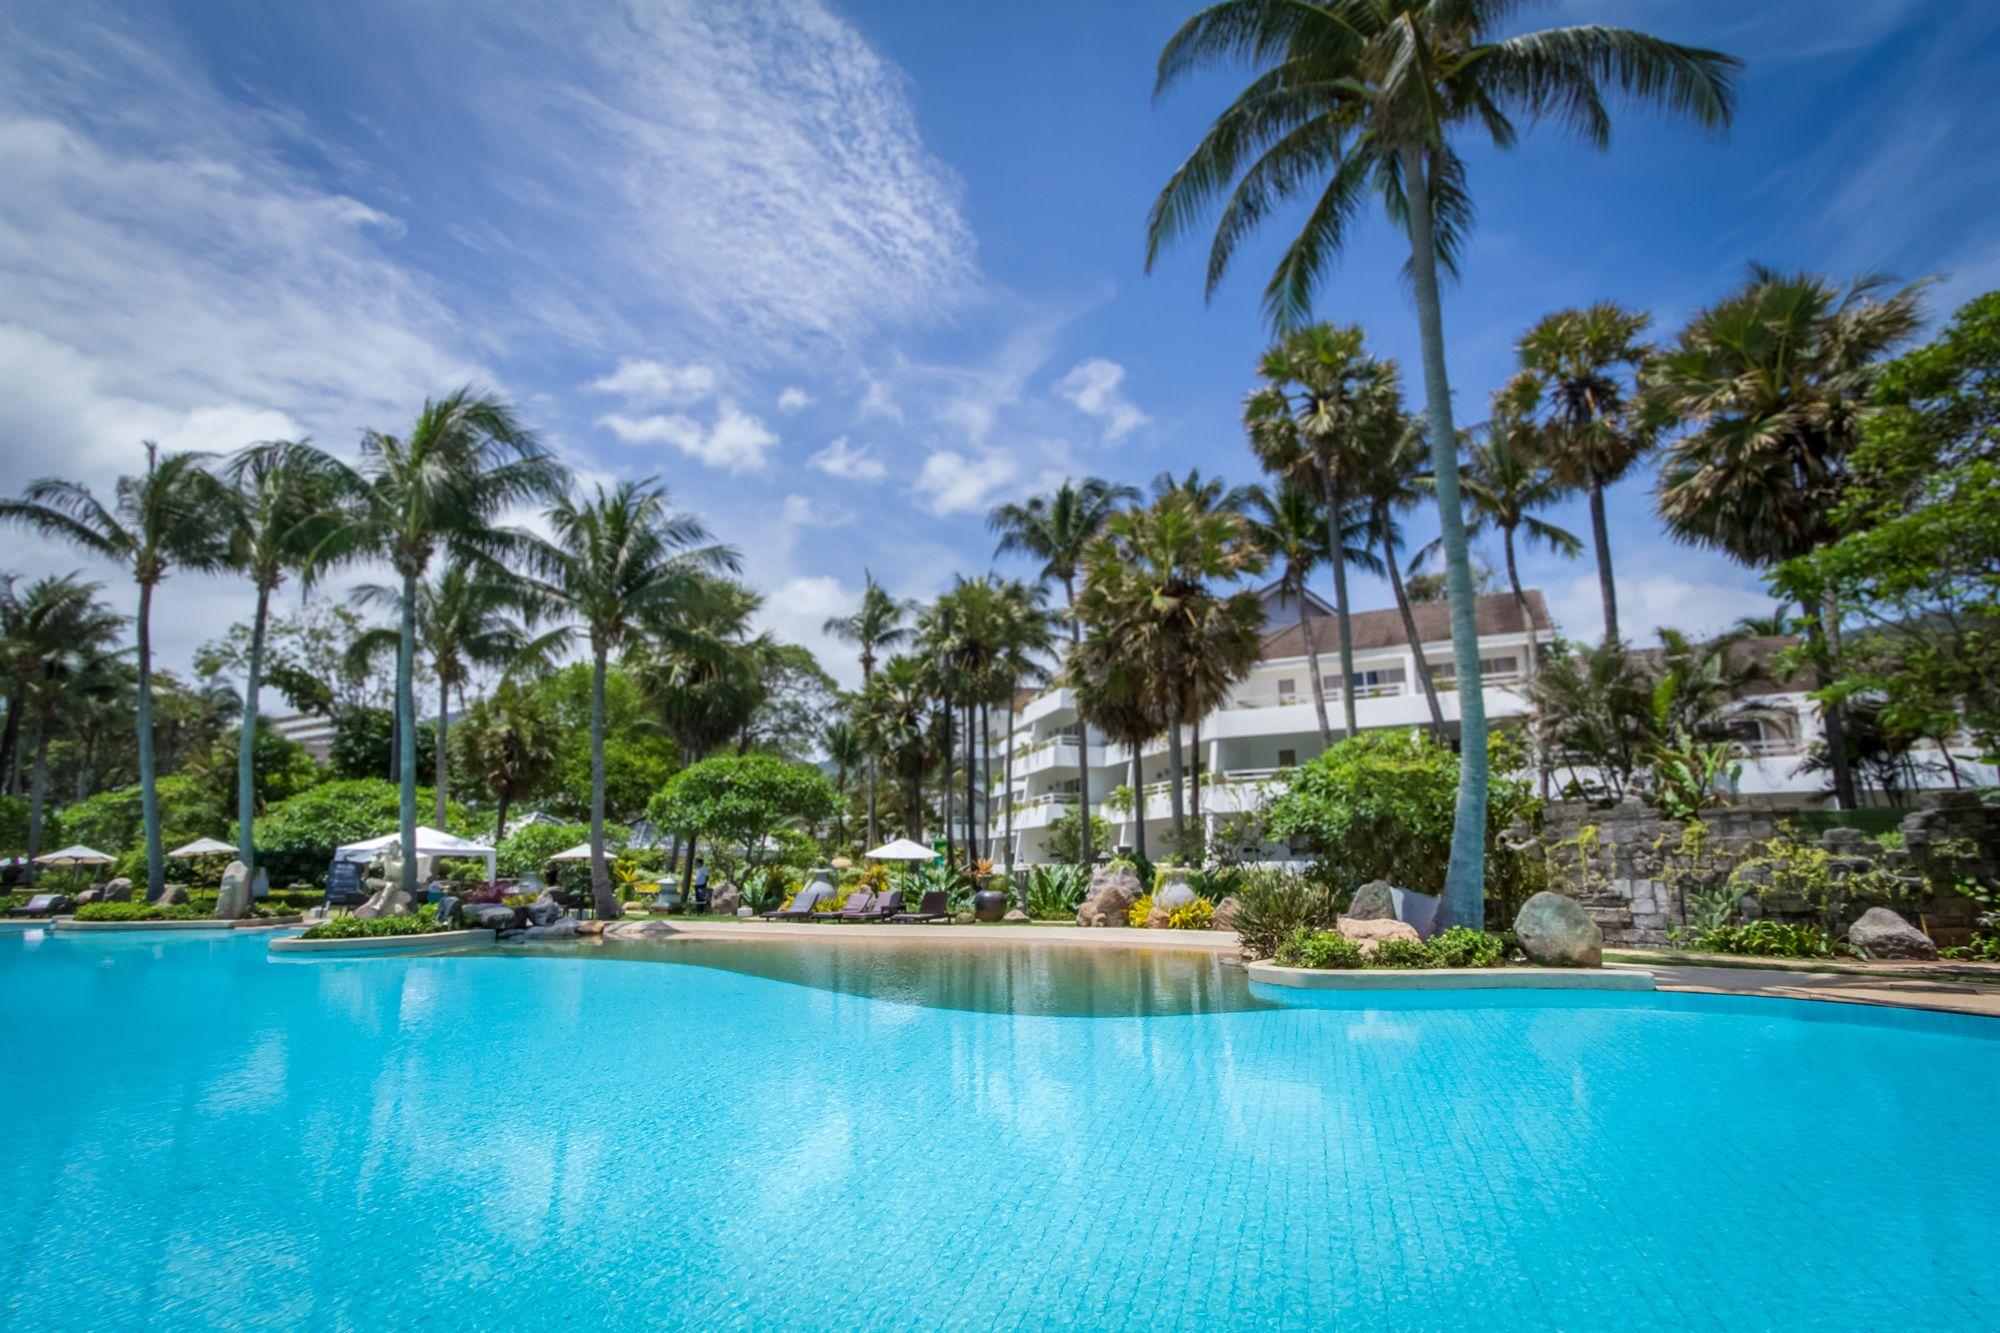 普吉岛塔夫海滩别墅度假村(thavornpalmbeachresortphuket)棕榈白云装修设计图片